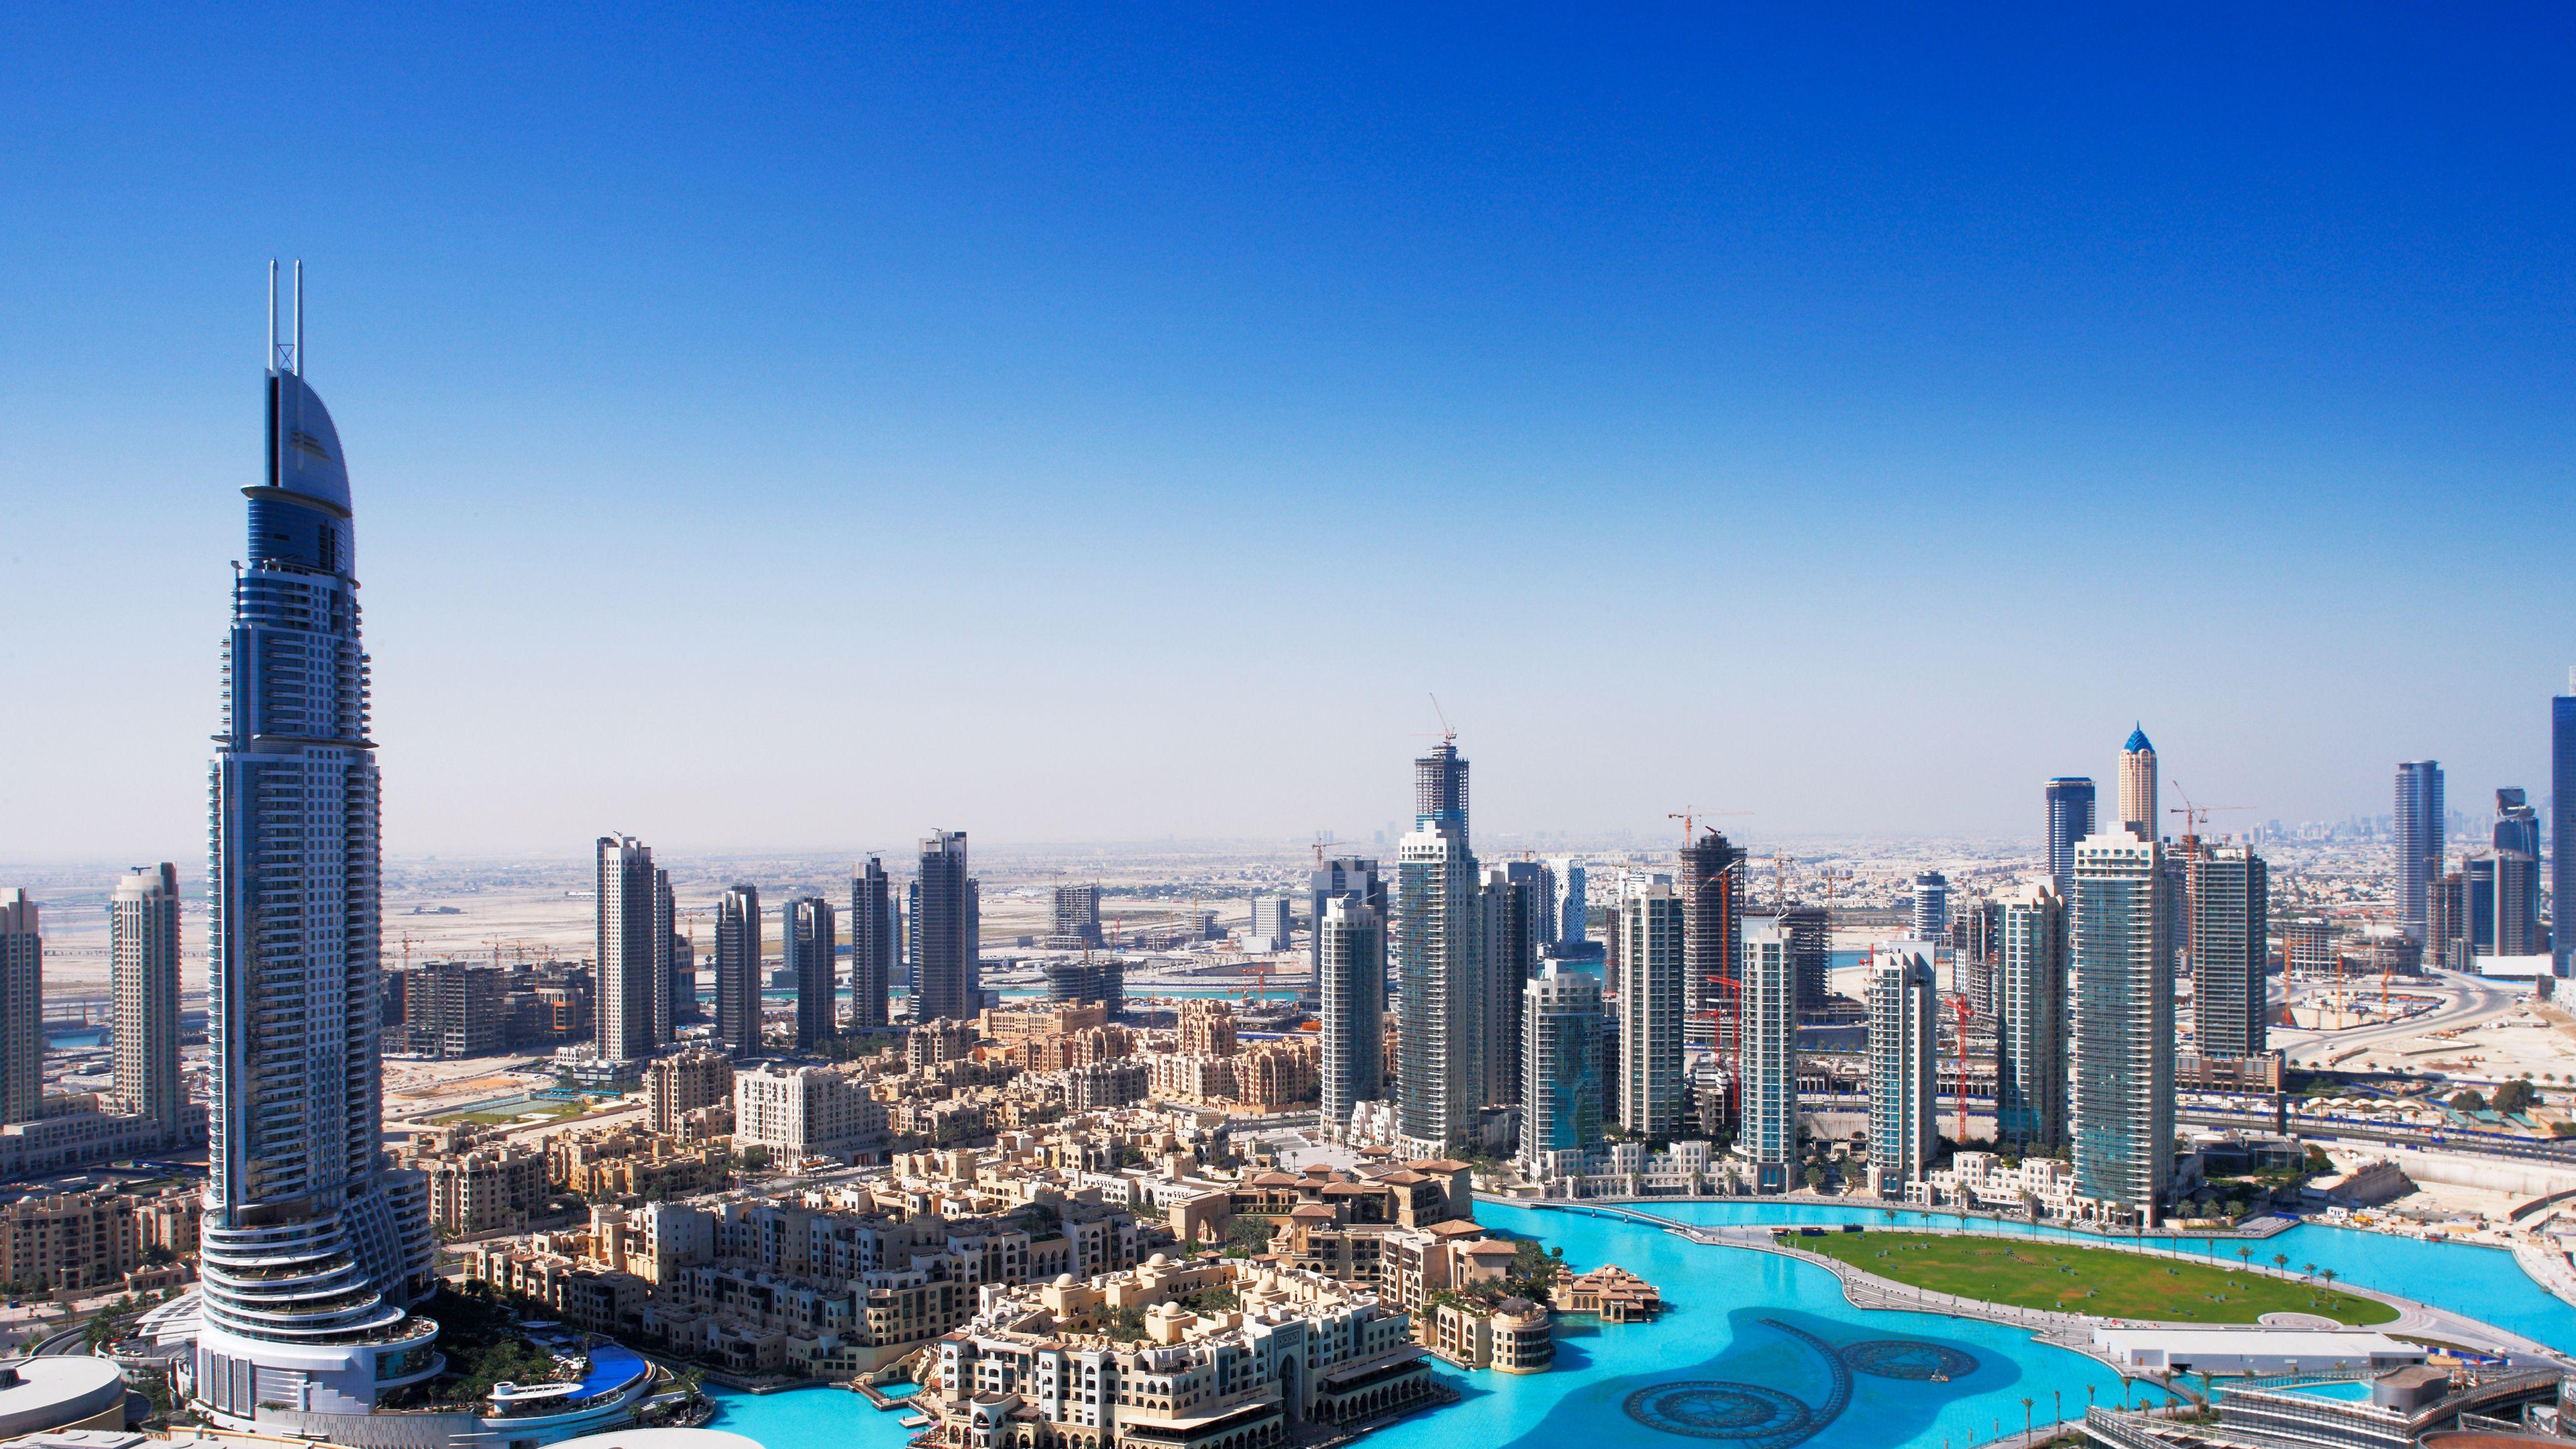 Dubai 4k Wallpaper 3840 2160 Safest Places To Travel Dubai City